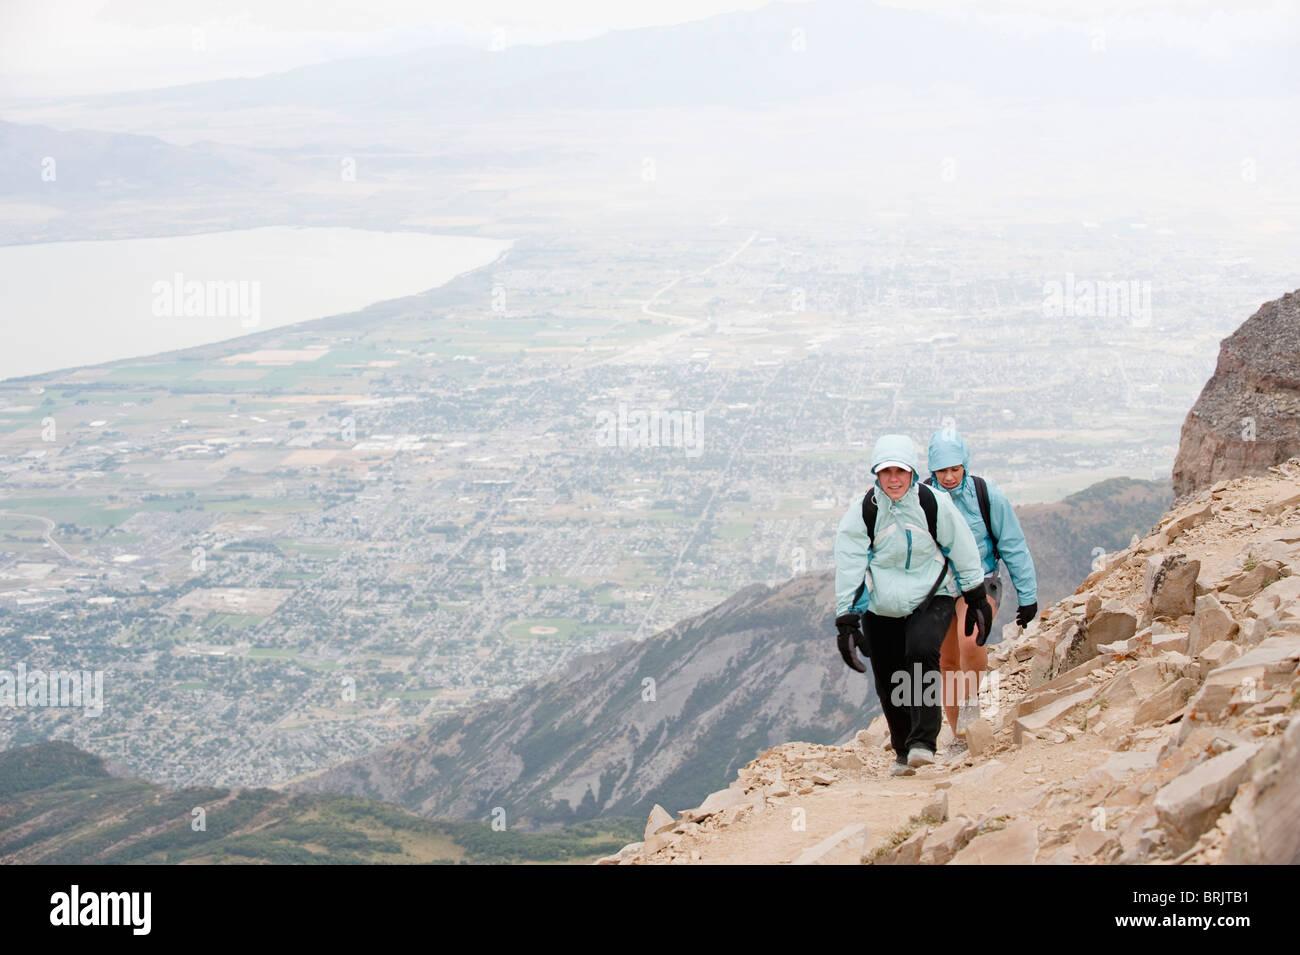 Deux randonneurs près du sommet du Mt. Janie, avec la ville de Pleasant Grove, UT en arrière-plan. Photo Stock